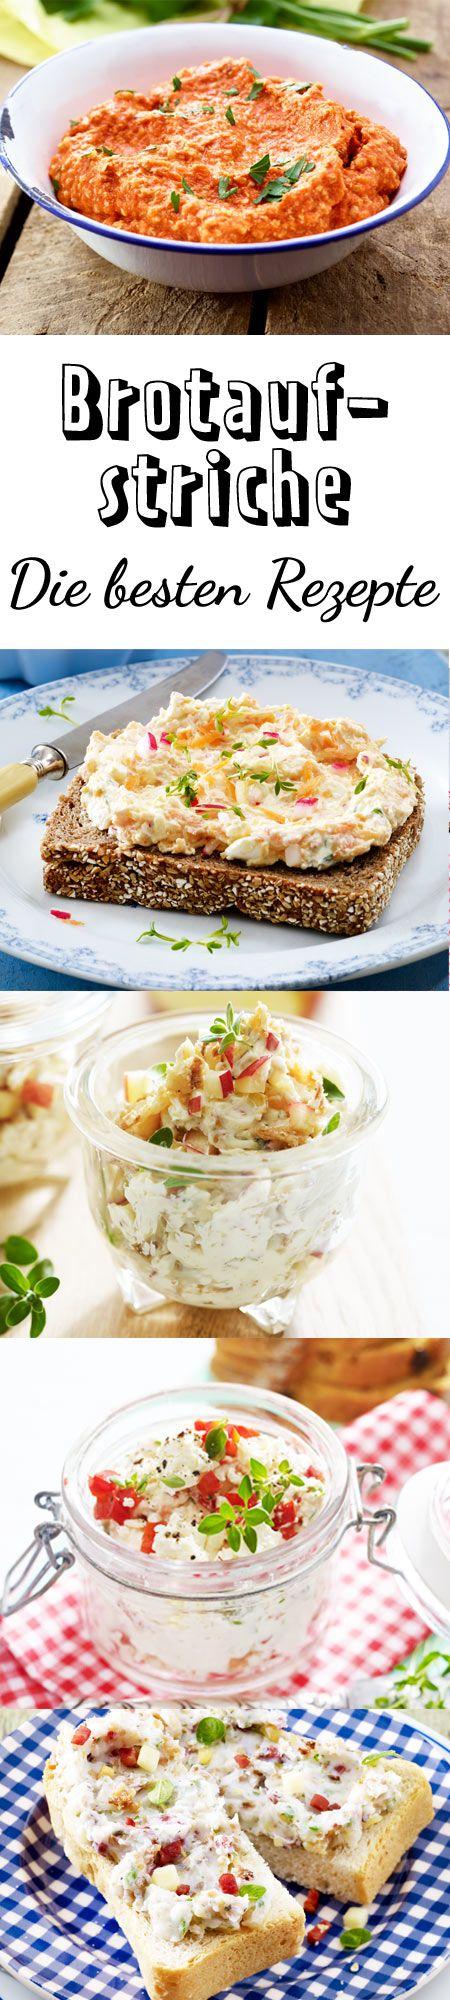 Ob deftig mit Ei und Speck oder leicht mit Tomaten und Kräutern – diese Brotaufstriche bieten für jeden Geschmack vielfältige Rezeptideen.